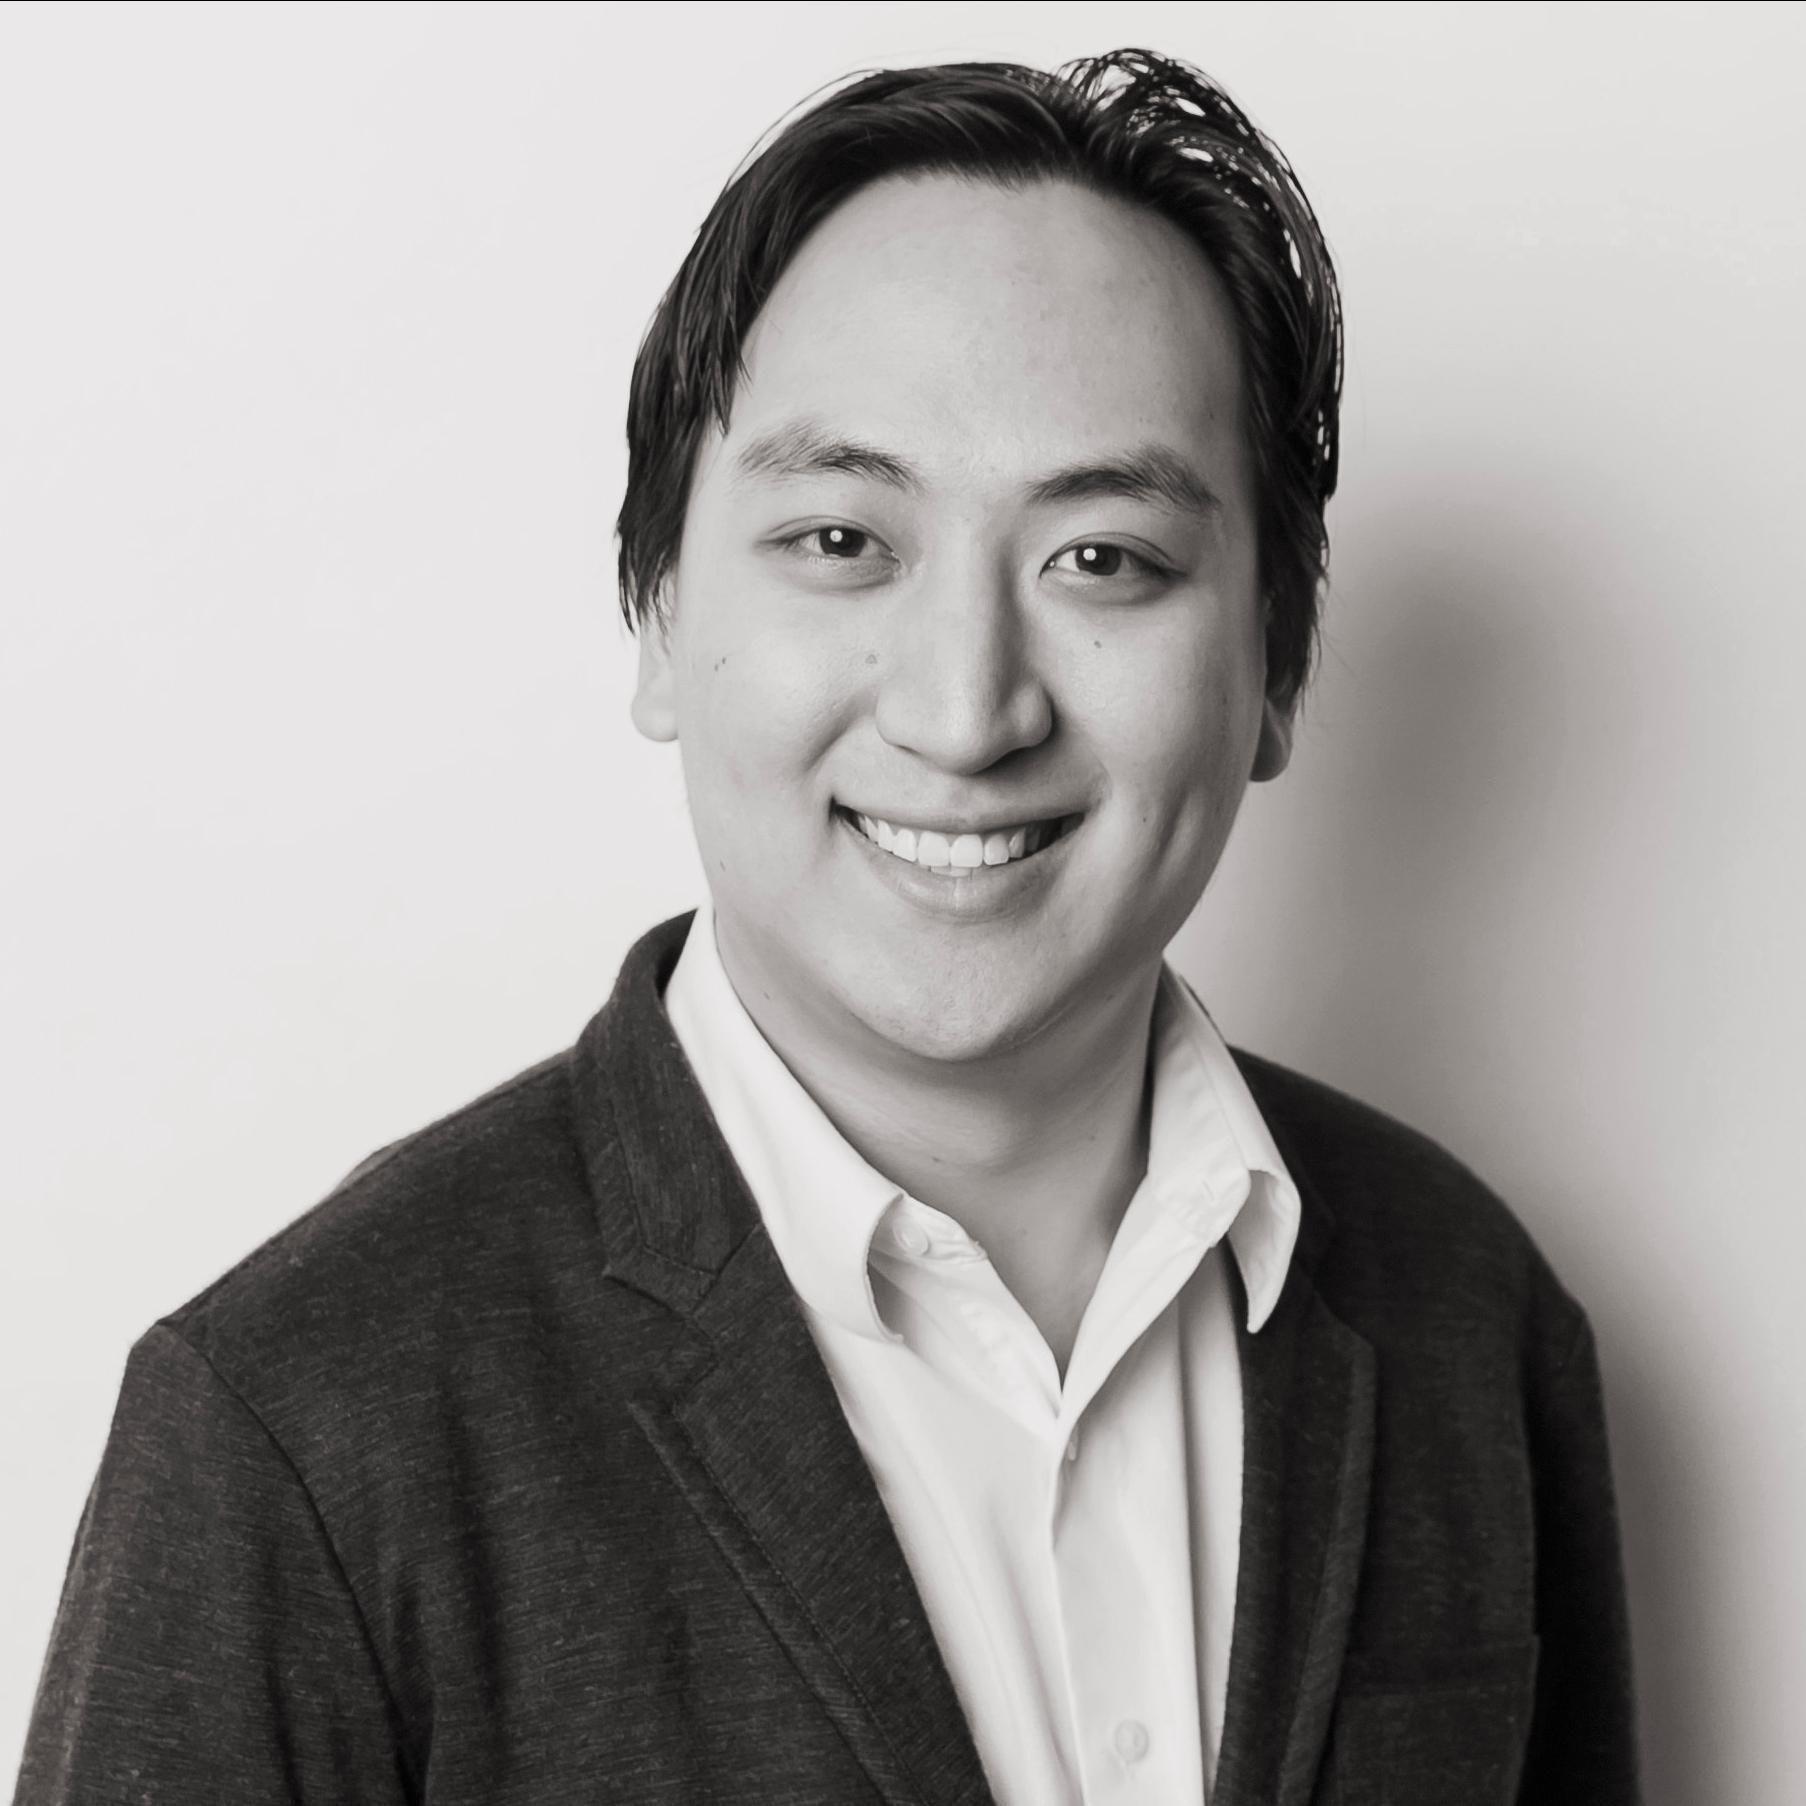 Stefan Tan